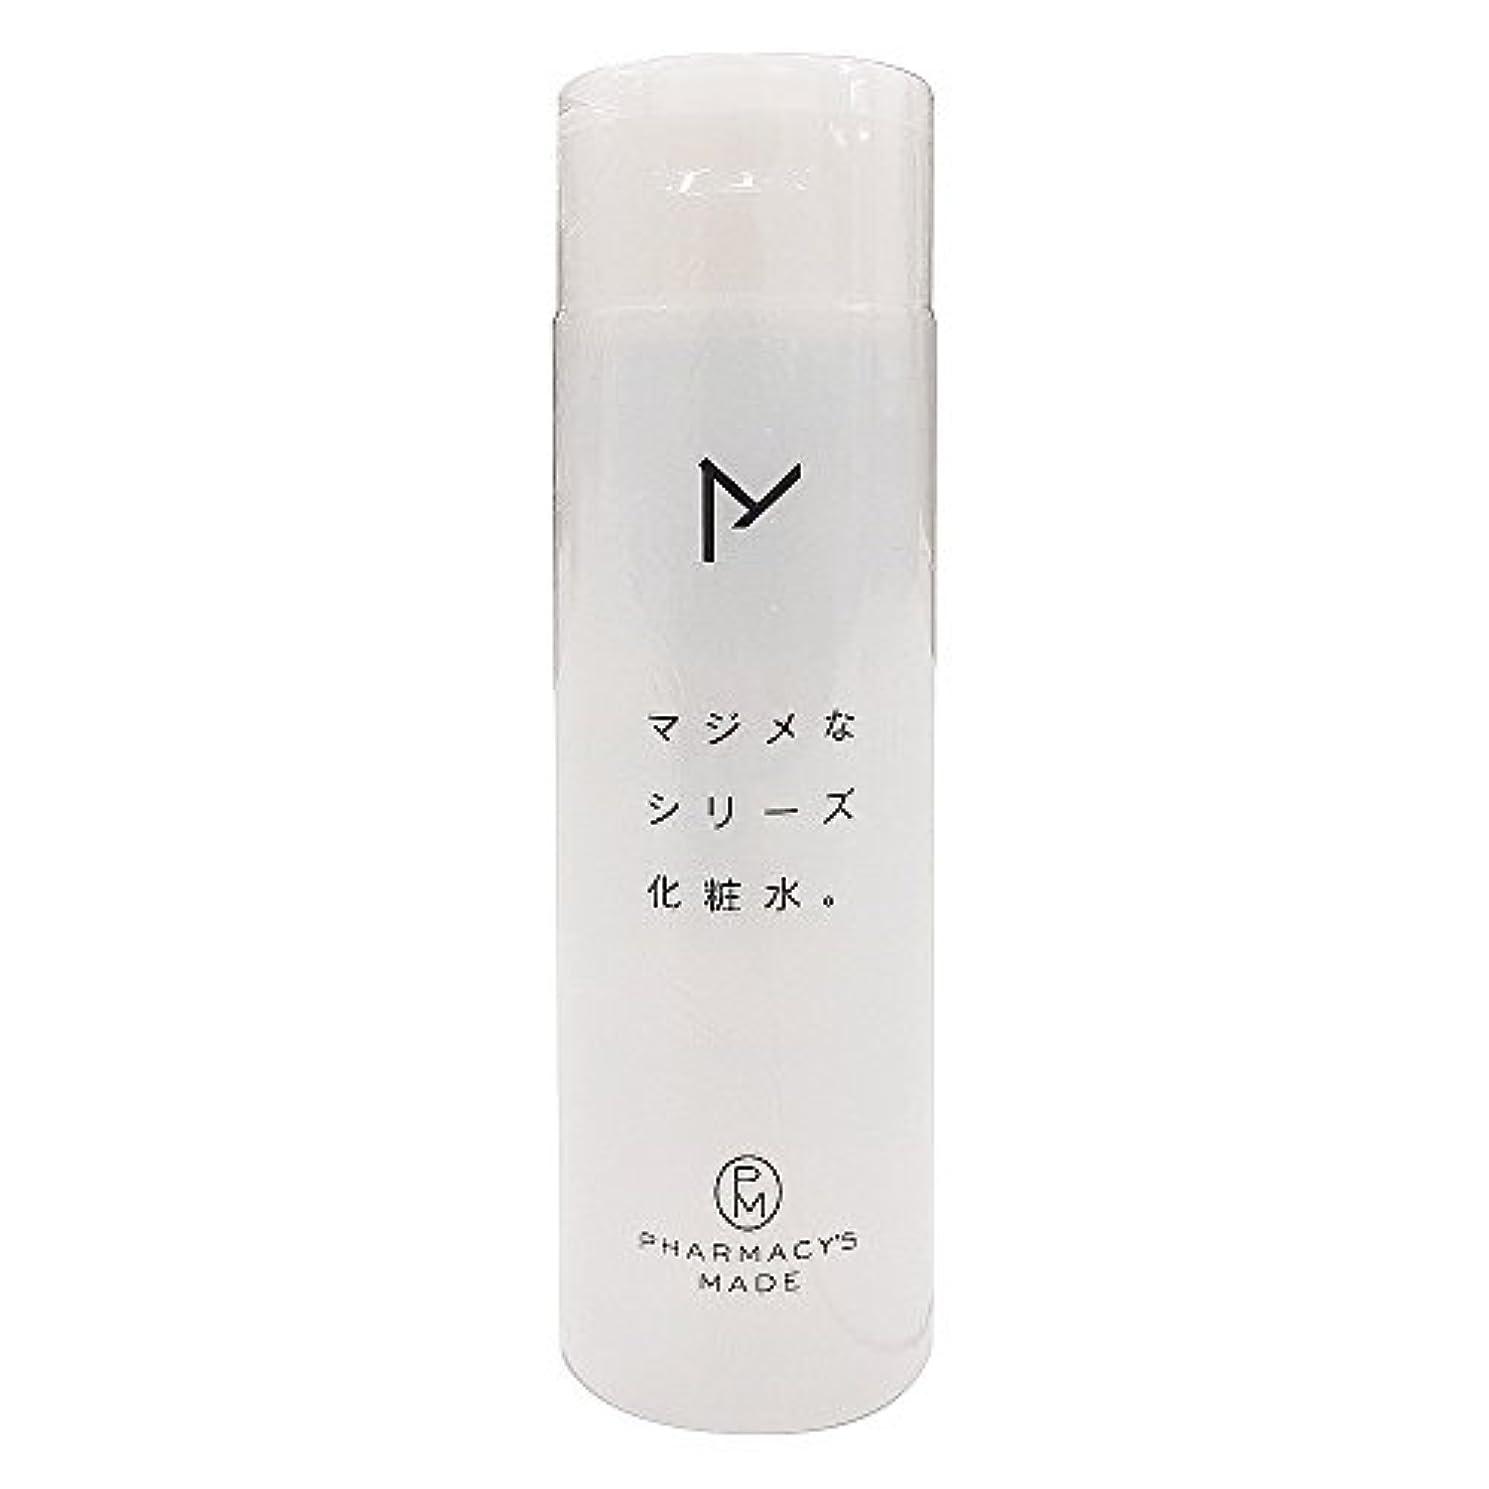 そっと過激派本質的ではない水橋保寿堂製薬 マジメなシリーズ化粧水。 200ml